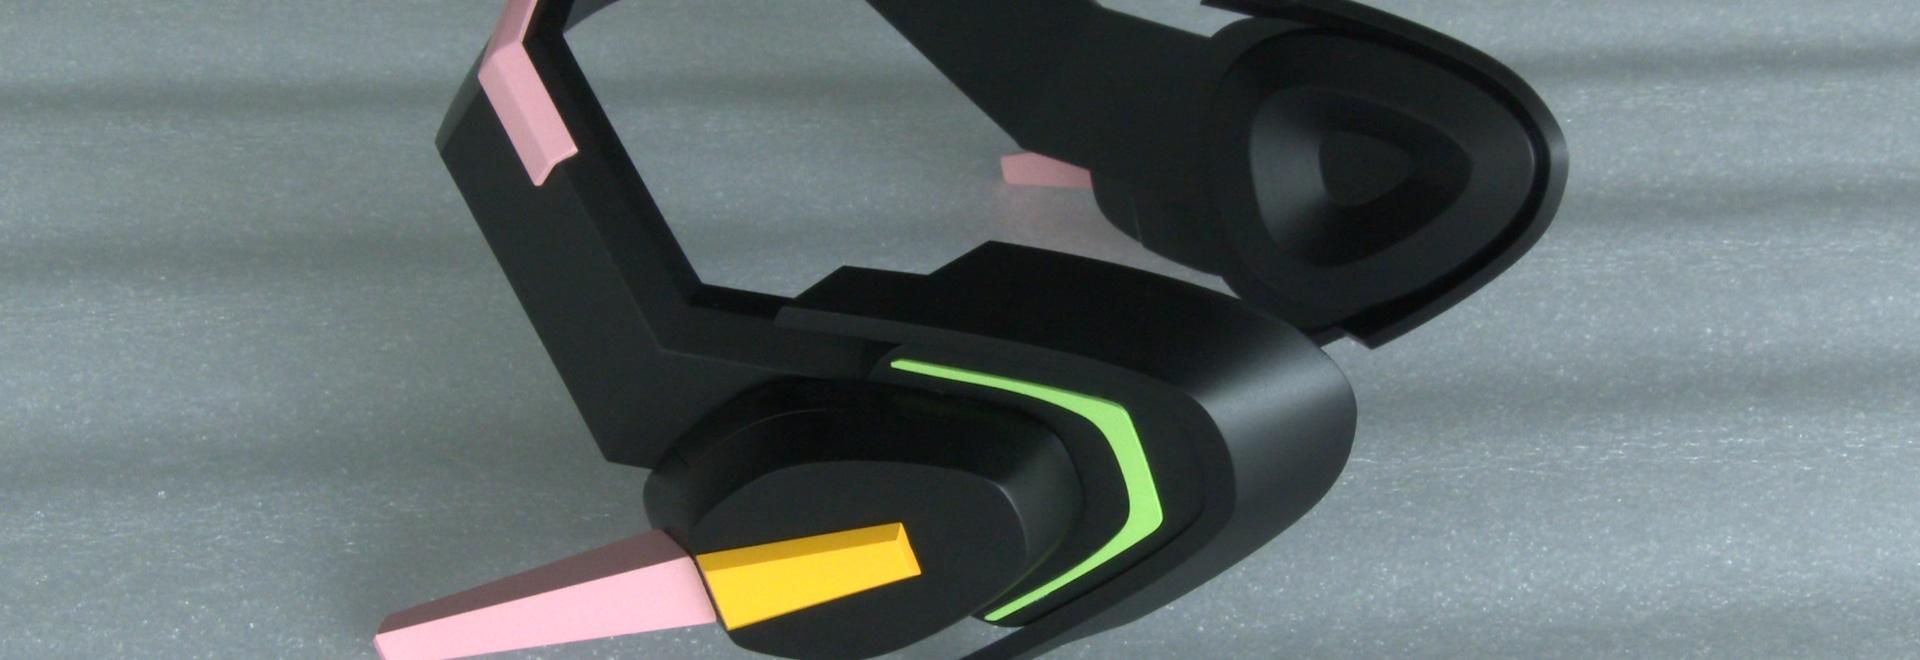 Application de l'impression 3D dans les produits numériques